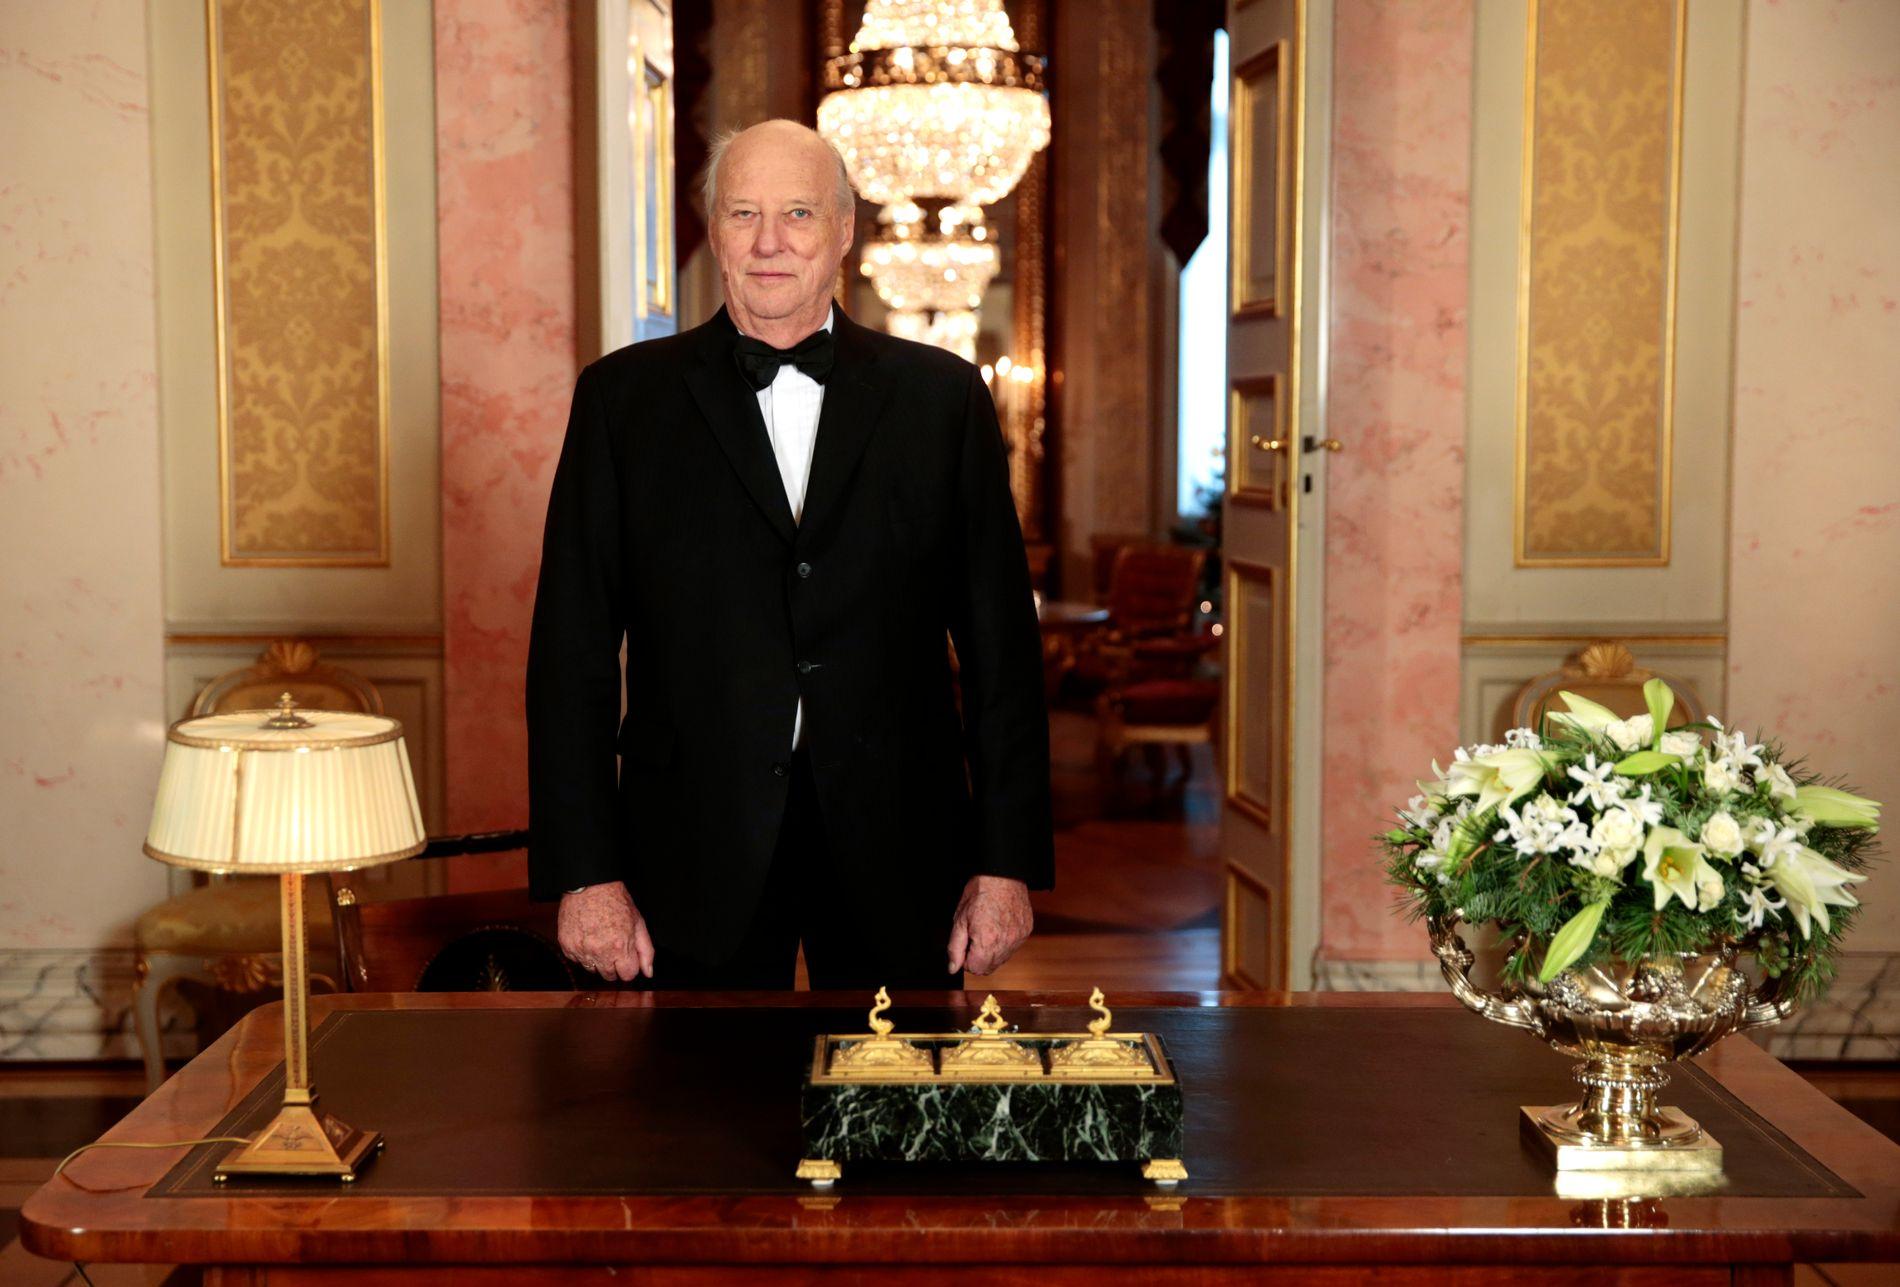 NYTTÅRSTALE: Kong Harald talte tradisjonen tro på årets siste dag.